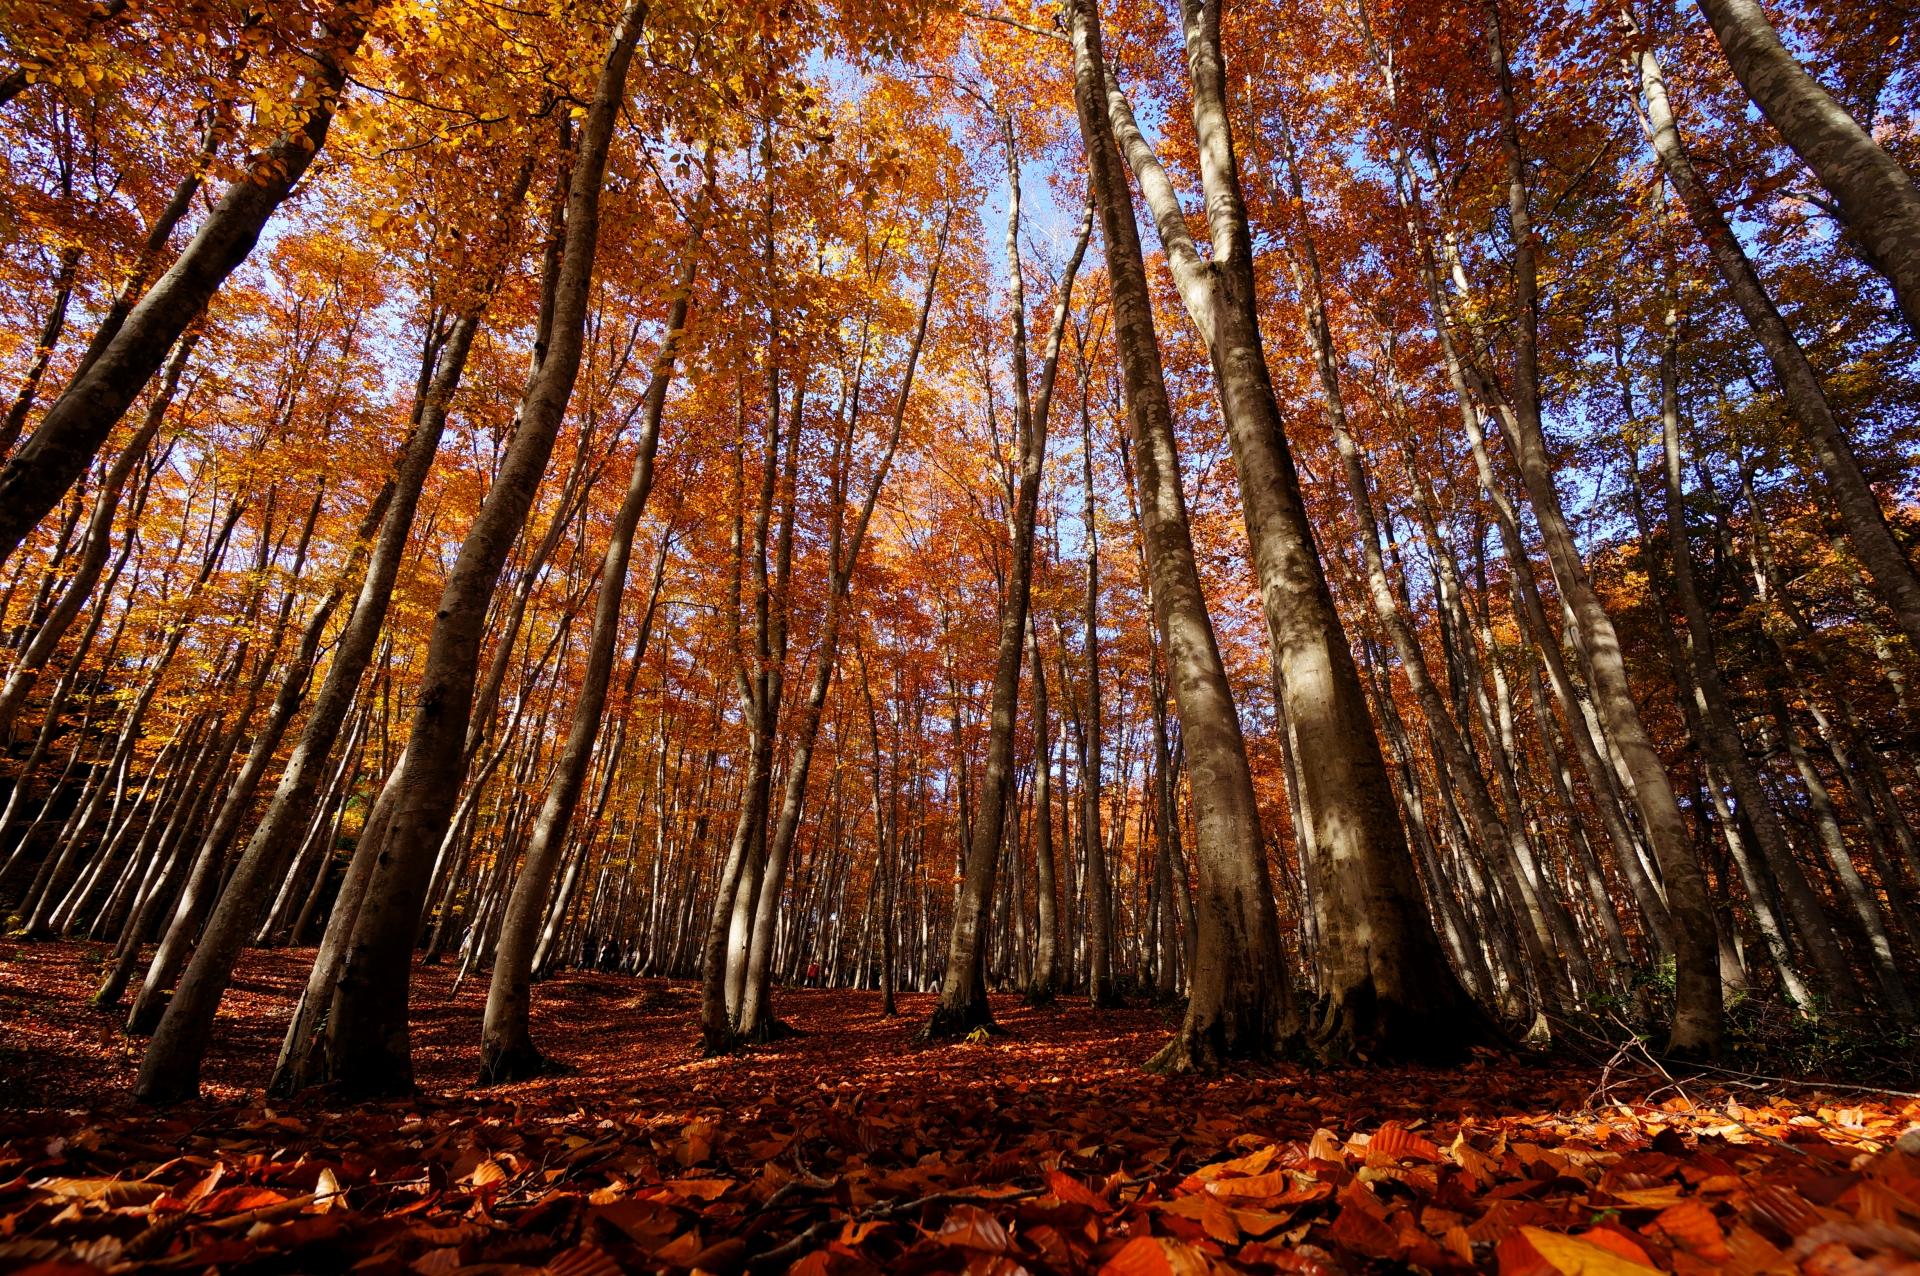 niigata-bijin-forest